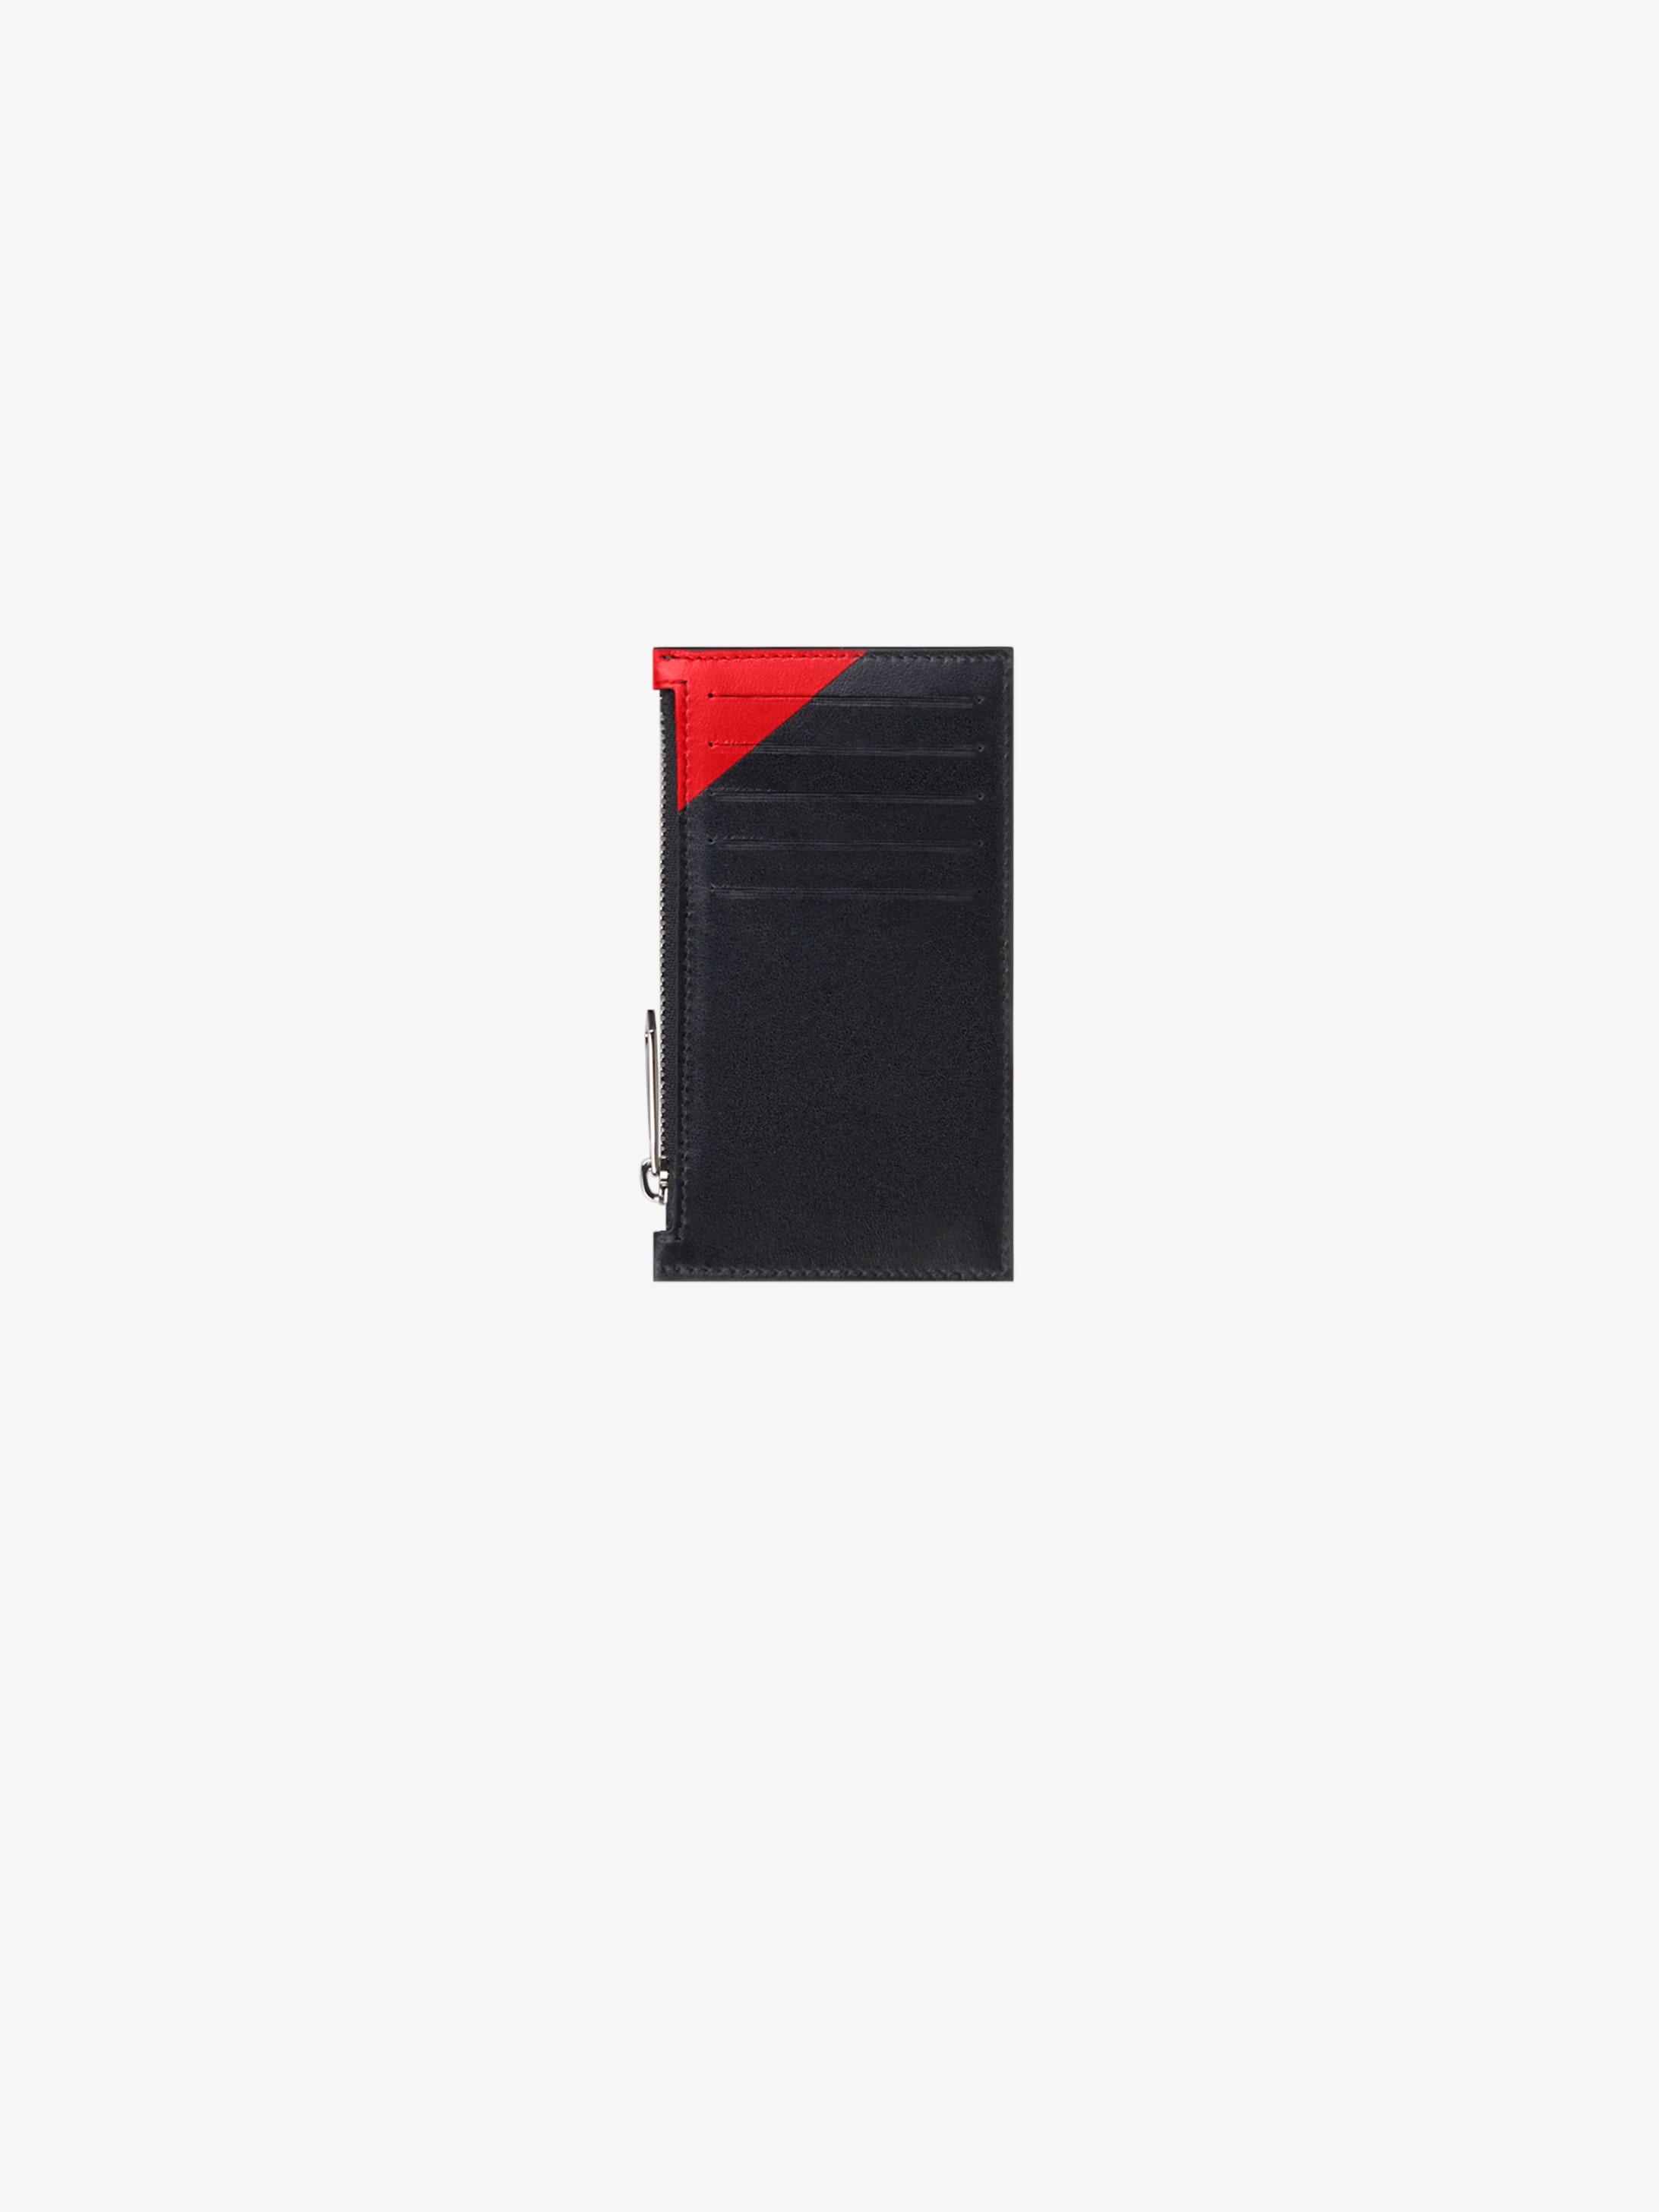 Porte-cartes zippé GIVENCHY en cuir